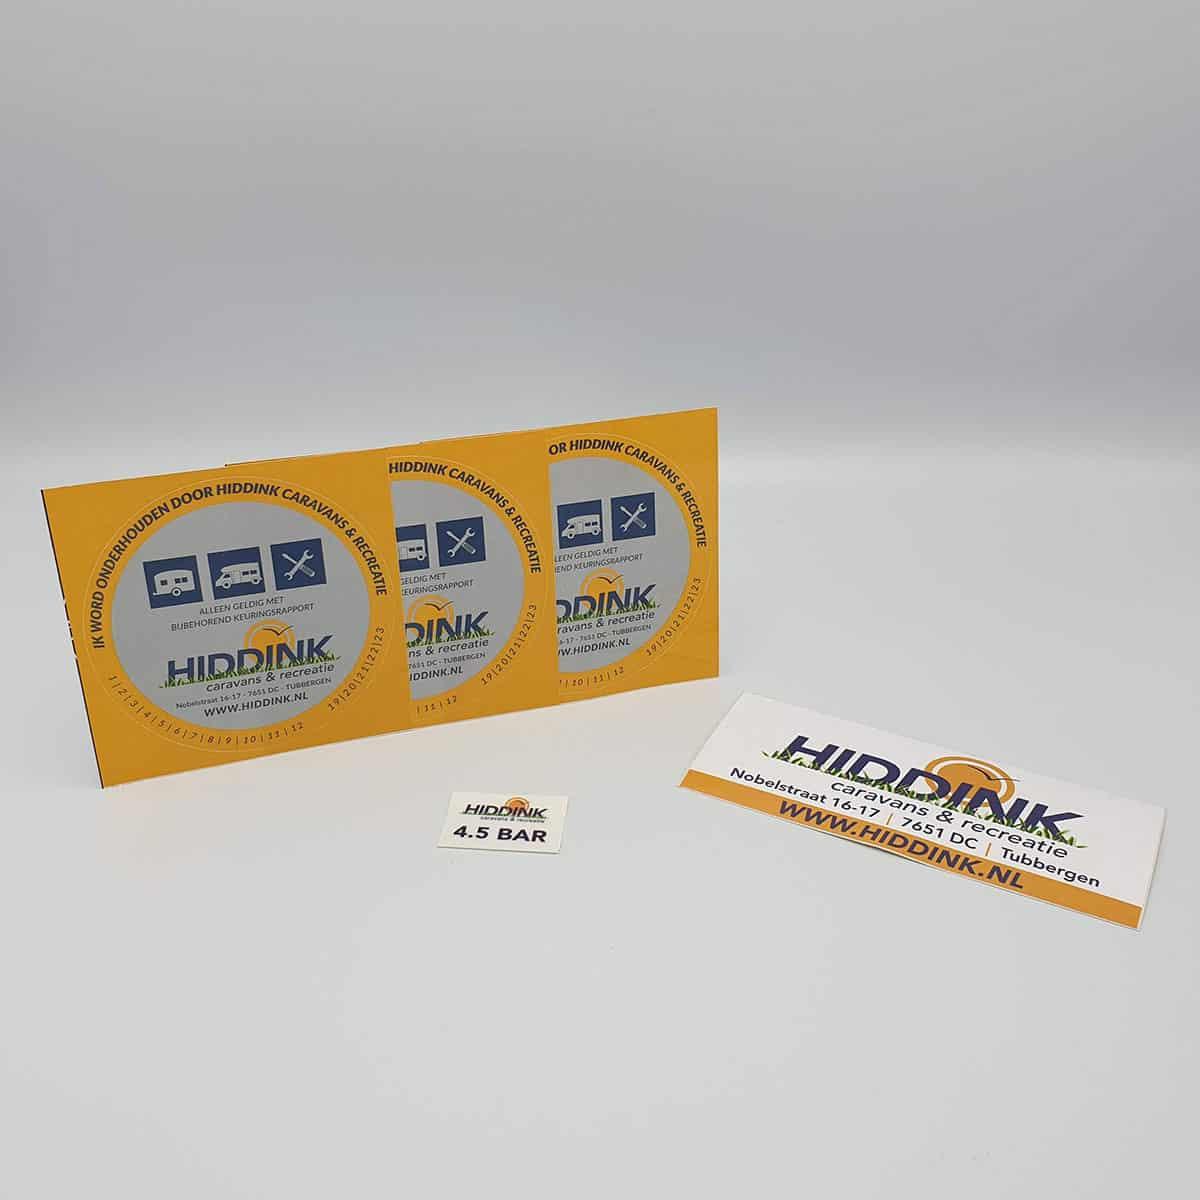 Hiddink-Caravans-stickers-drukwerk-buro-bedenkt